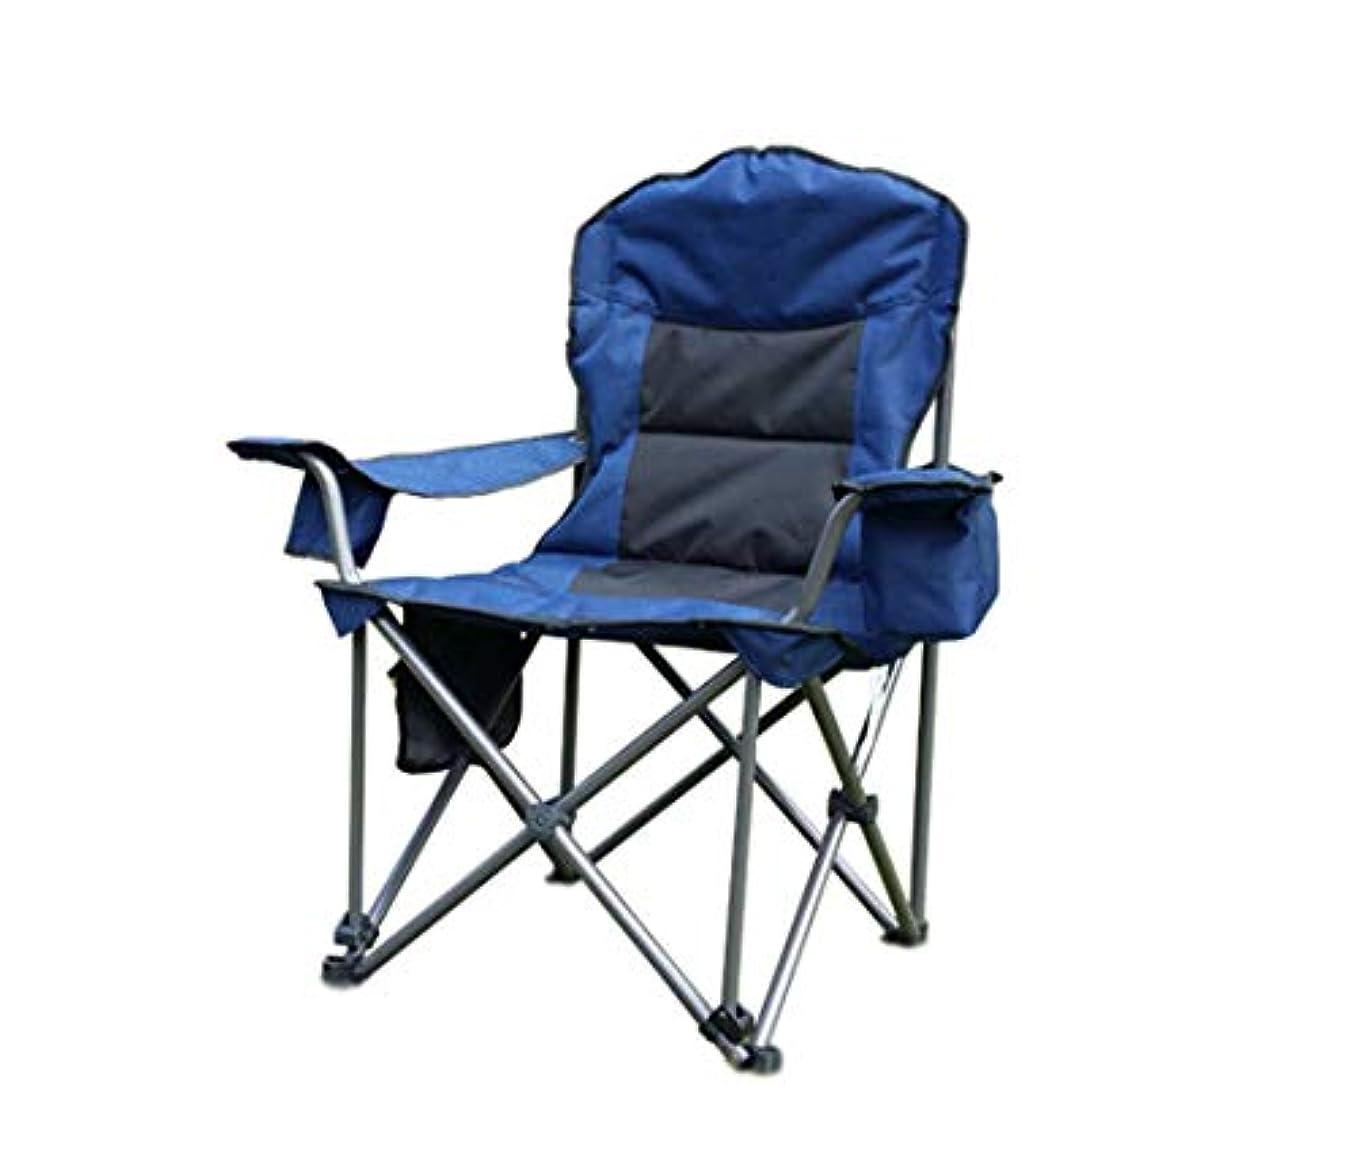 動かす遺跡先見の明アウトドア チェア キャンプ 椅子 通気性抜群 お洒落 コンパクト 超軽量 折りたたみ 収納バッグ付き アイスバッグチェア サマー 耐荷重250kg